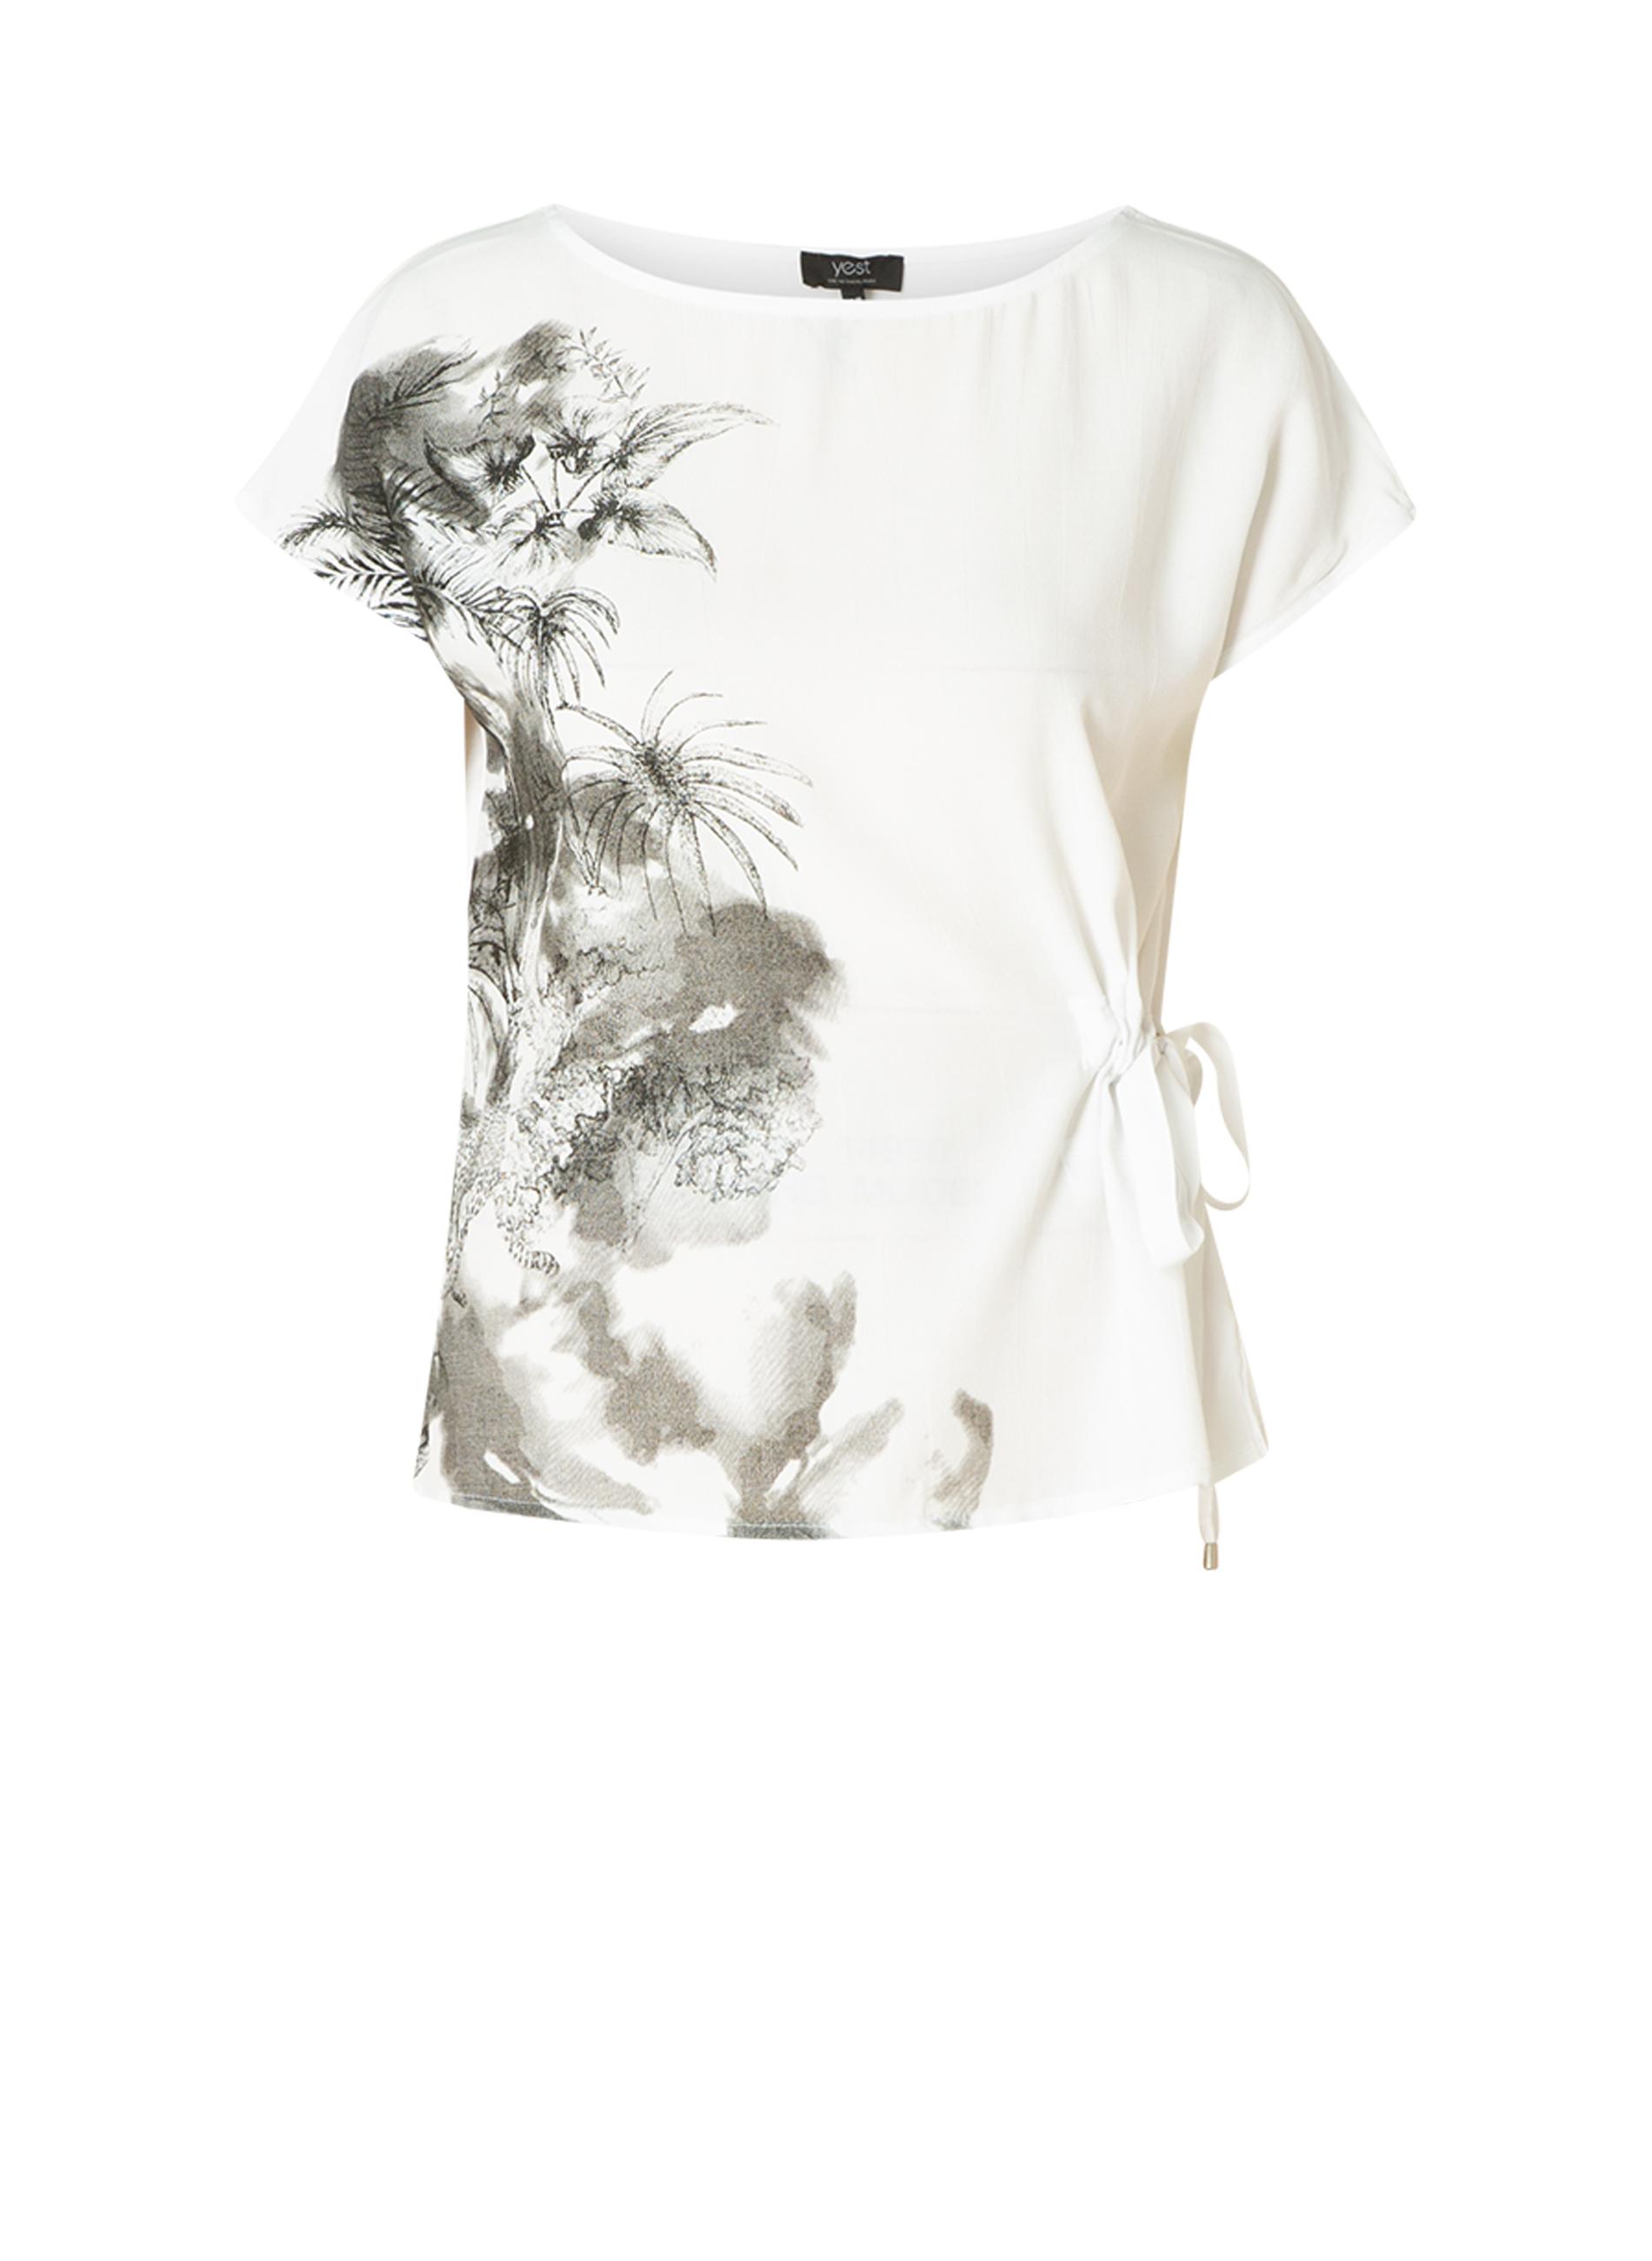 Yest shirt Ilaisha 62 cm